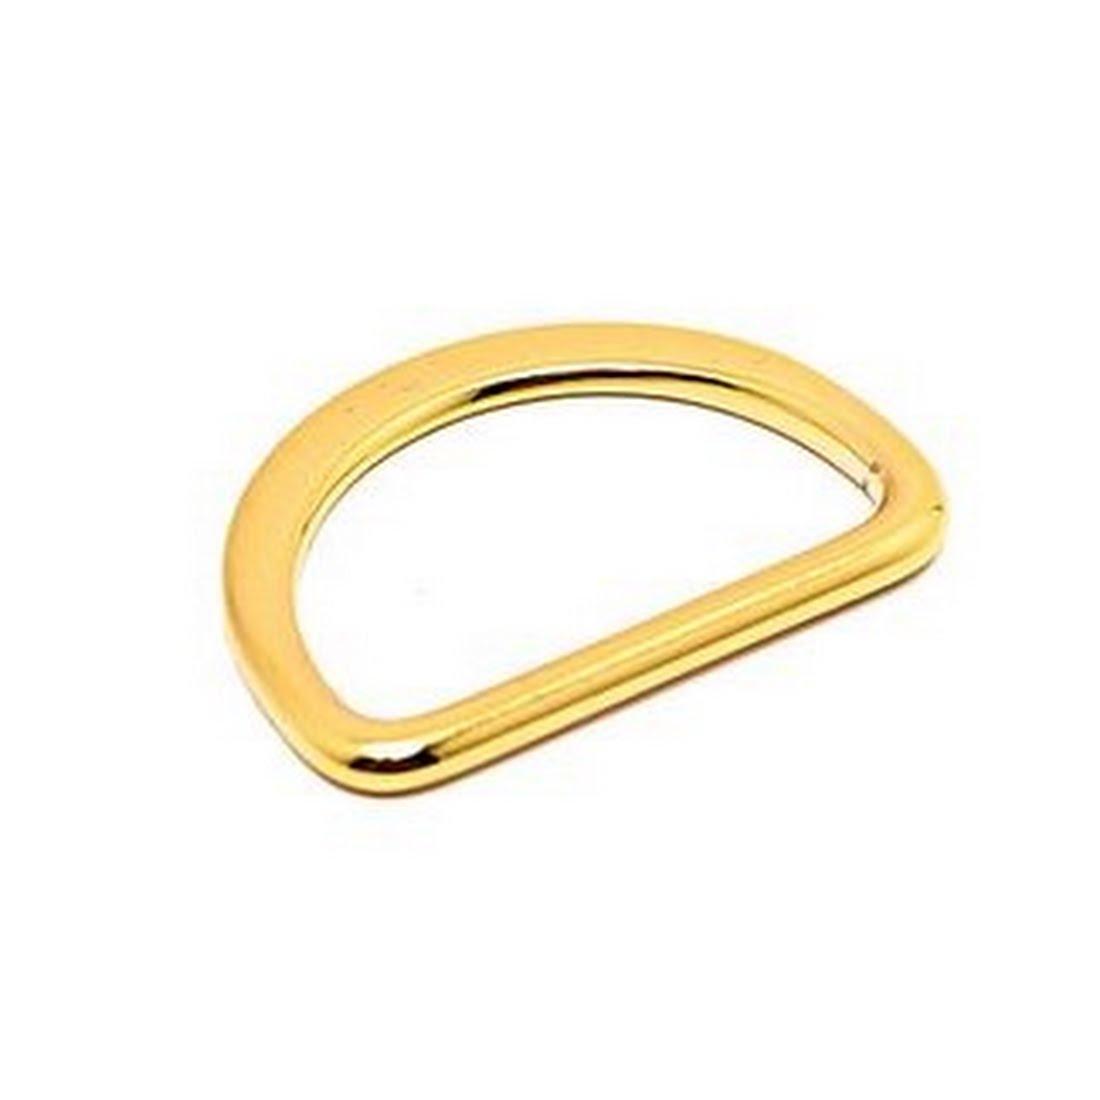 Taschenzubehör - 38mm D-Ring GOLD